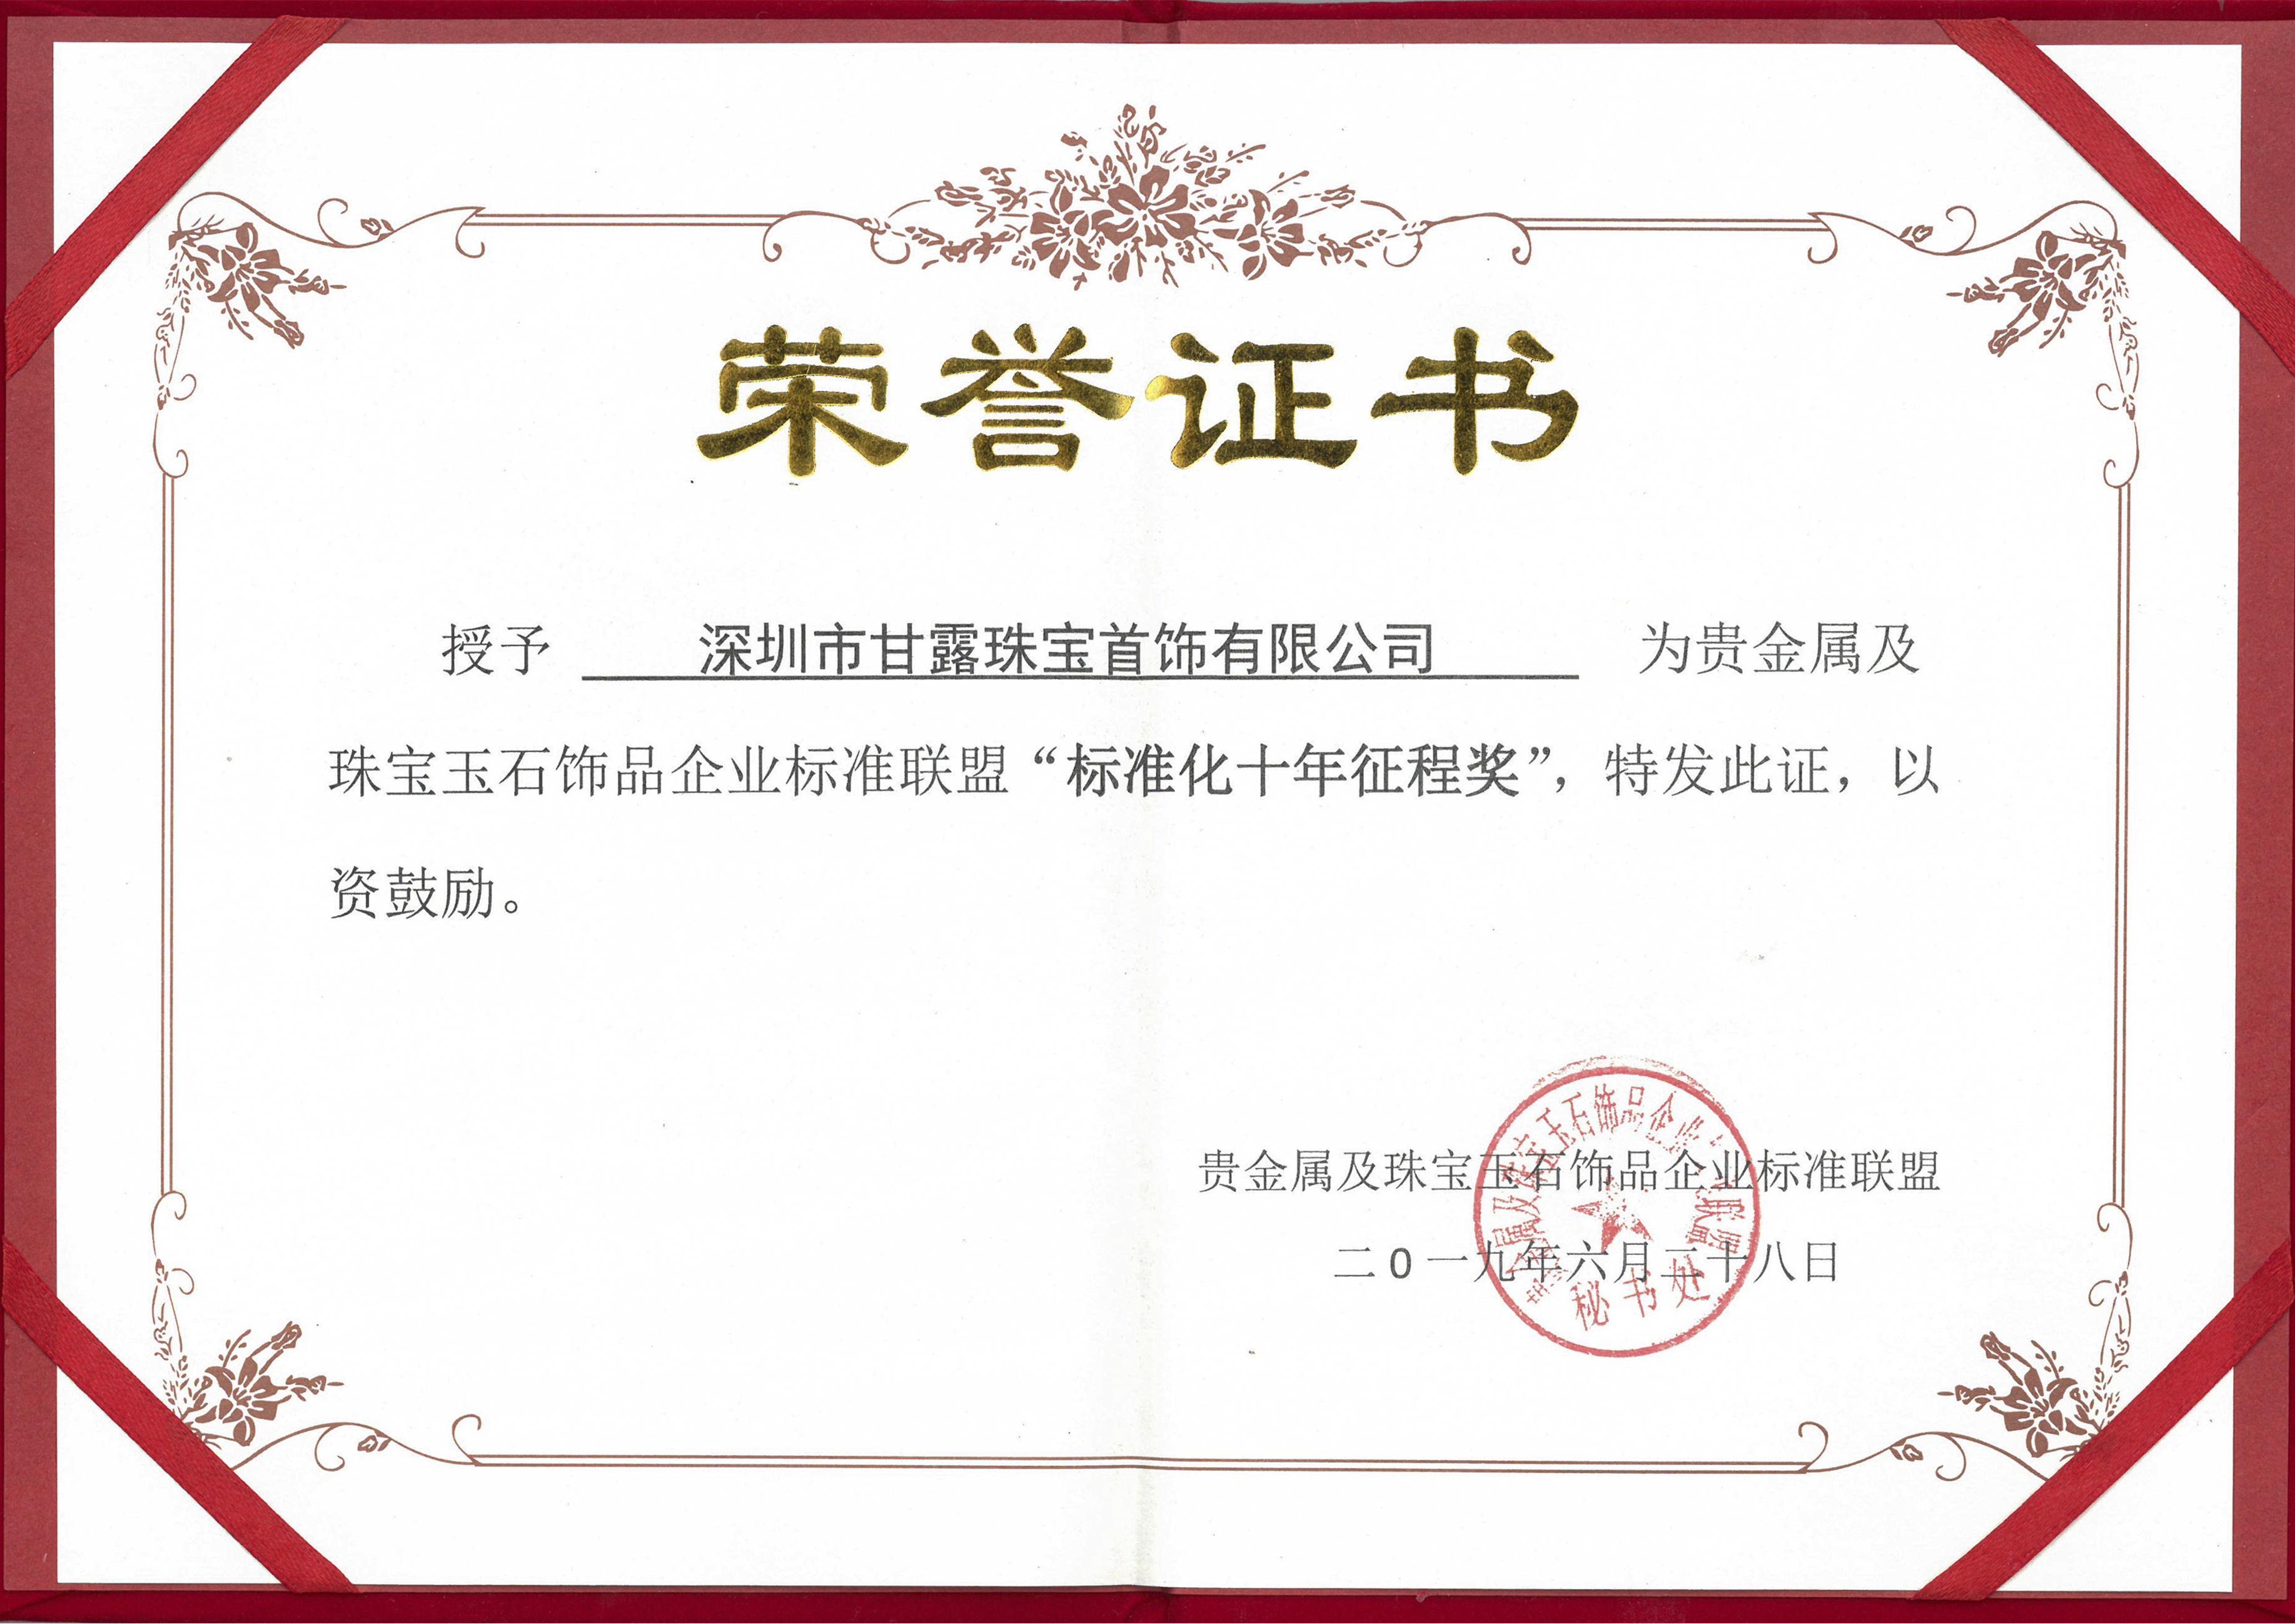 2019 标准化十年征程奖_看图王